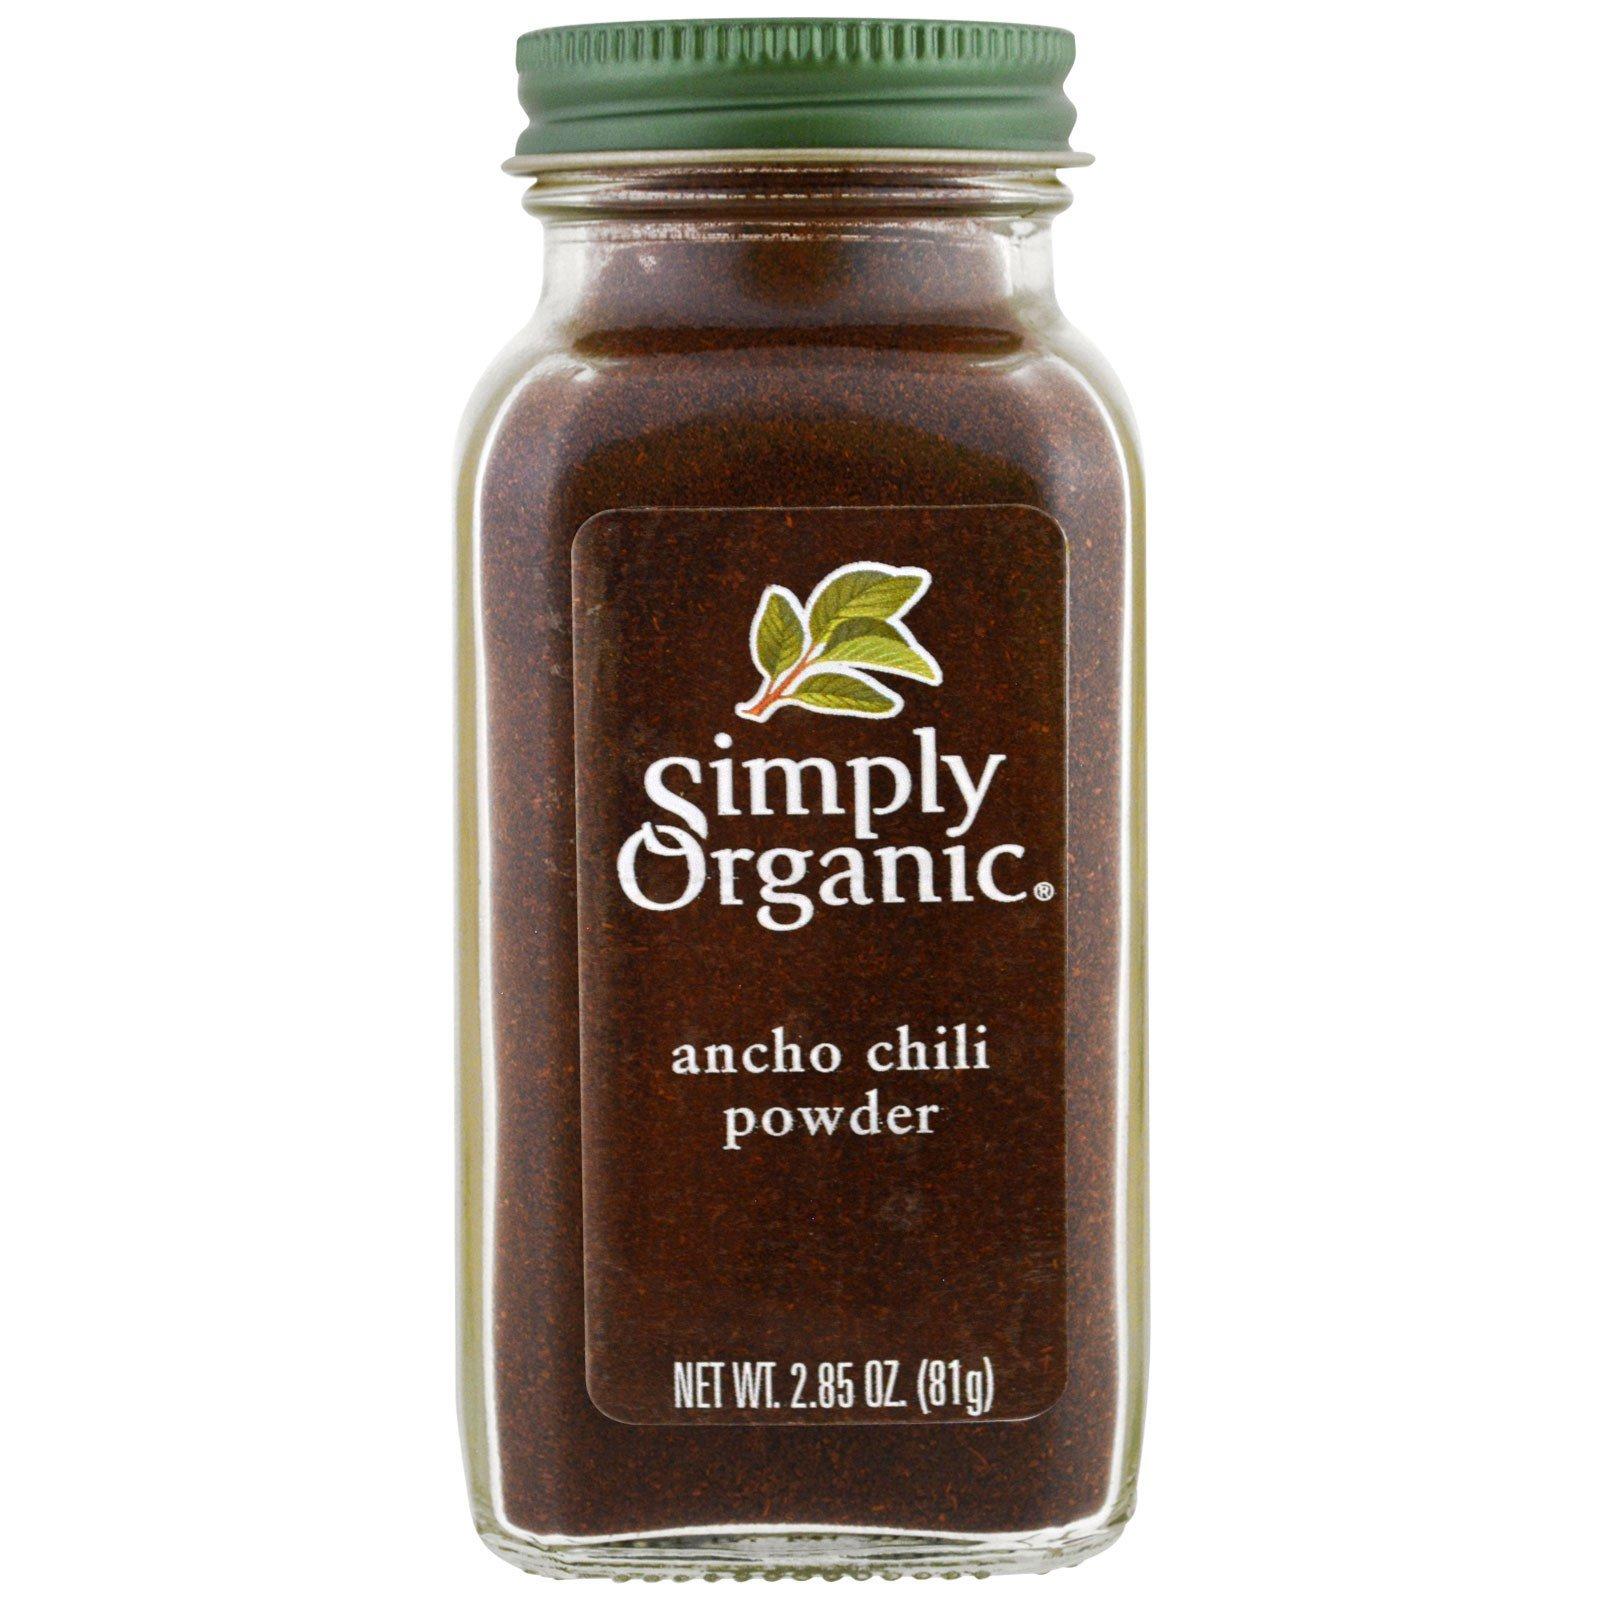 Simply Organic, Органический, порошок перца поблано, 2,85 унц. (81 г)